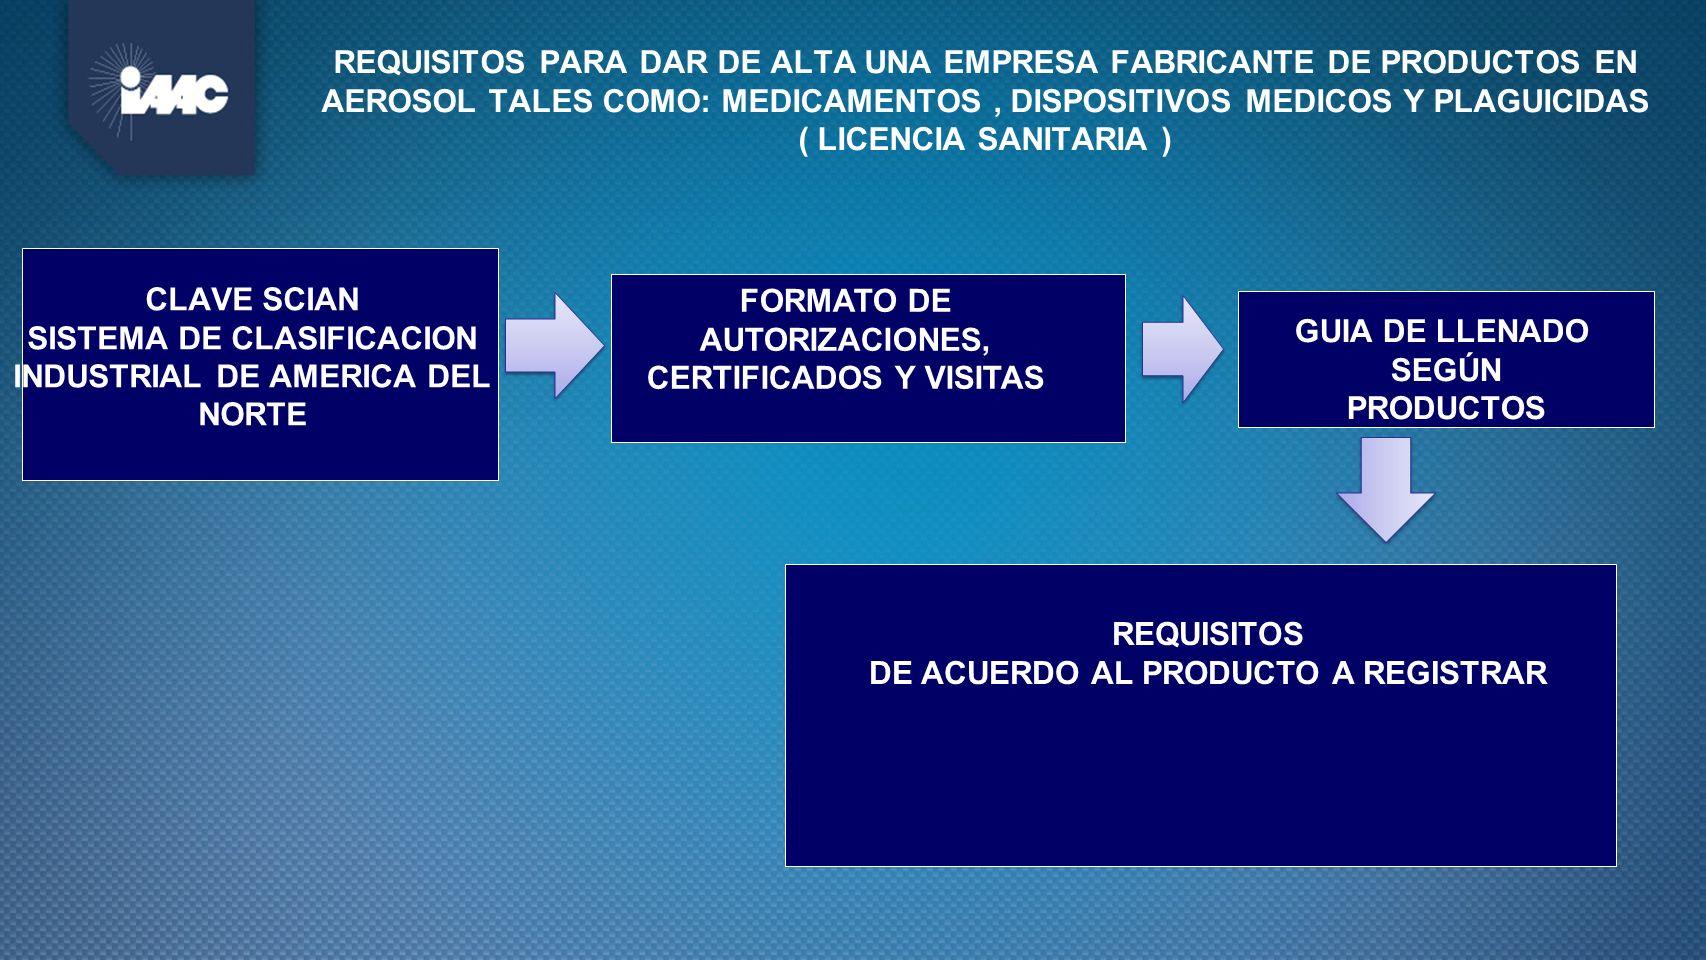 REQUISITOS PARA DAR DE ALTA UNA EMPRESA FABRICANTE DE PRODUCTOS EN AEROSOL TALES COMO: MEDICAMENTOS, DISPOSITIVOS MEDICOS Y PLAGUICIDAS ( LICENCIA SAN